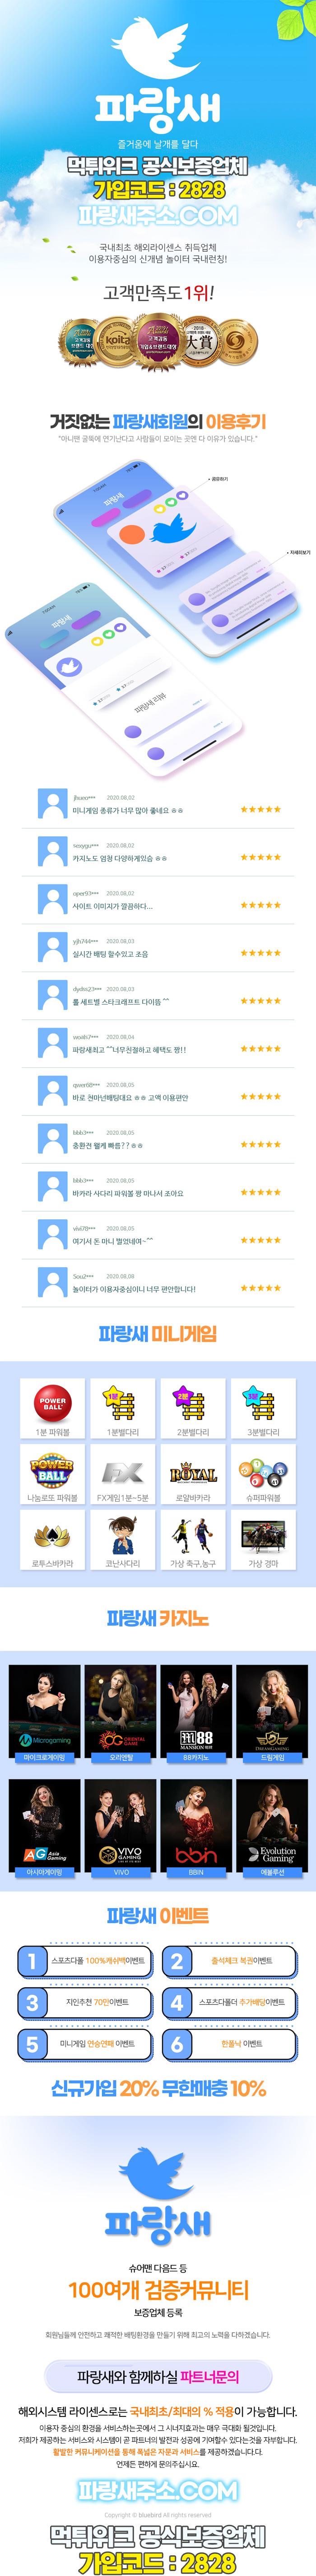 파랑새 먹튀 위크 신규 소개